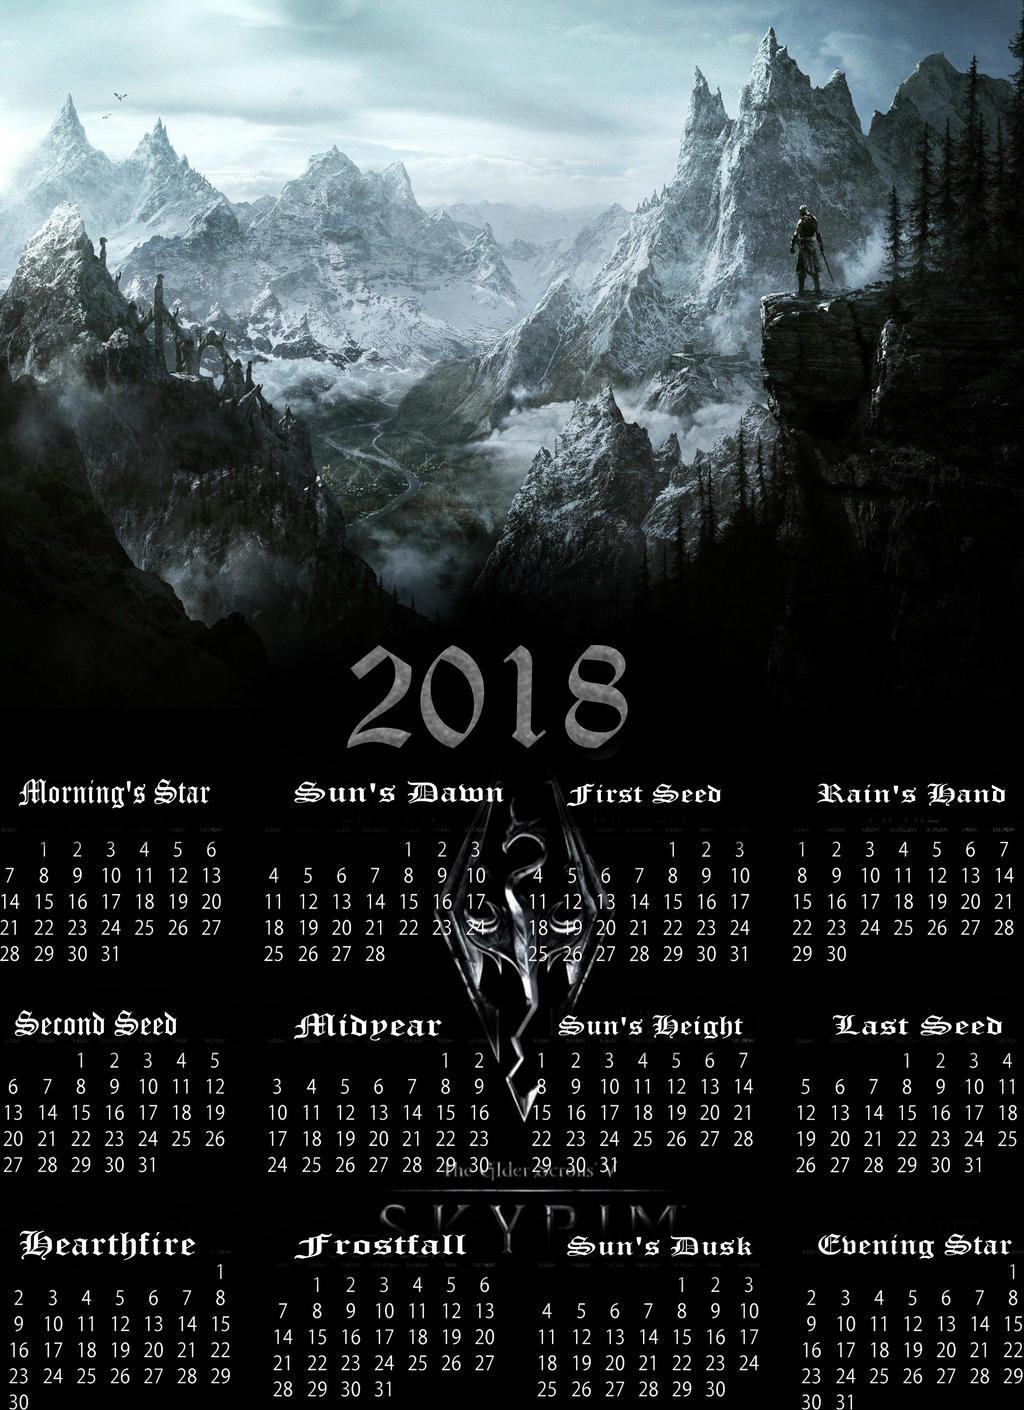 Skyrim Calendar by Stealthweaver on DeviantArt